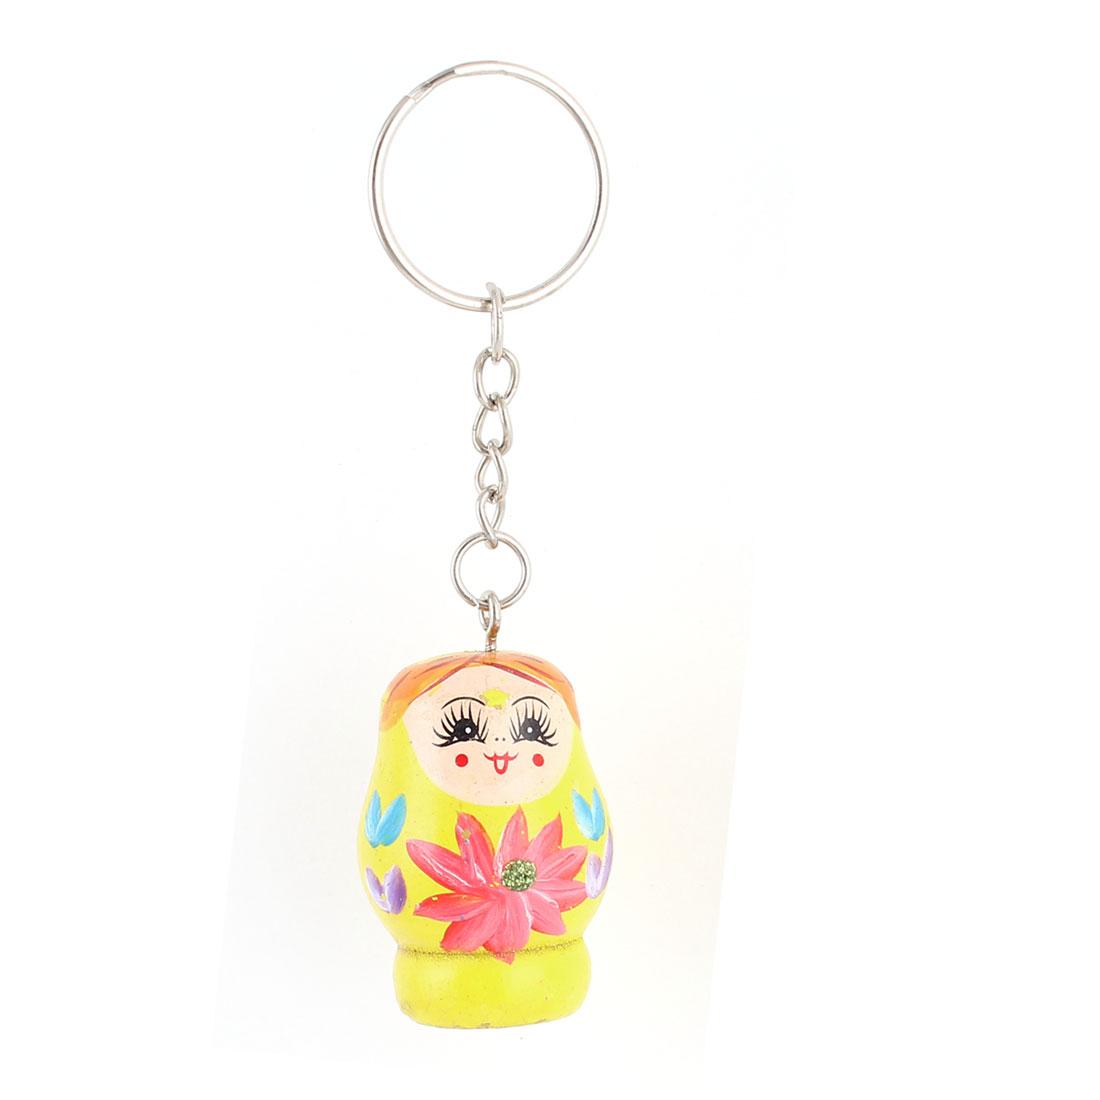 Wooden Matryoshka Style Nesting Doll Key Holder Pendant Keychain Keyring Yellow